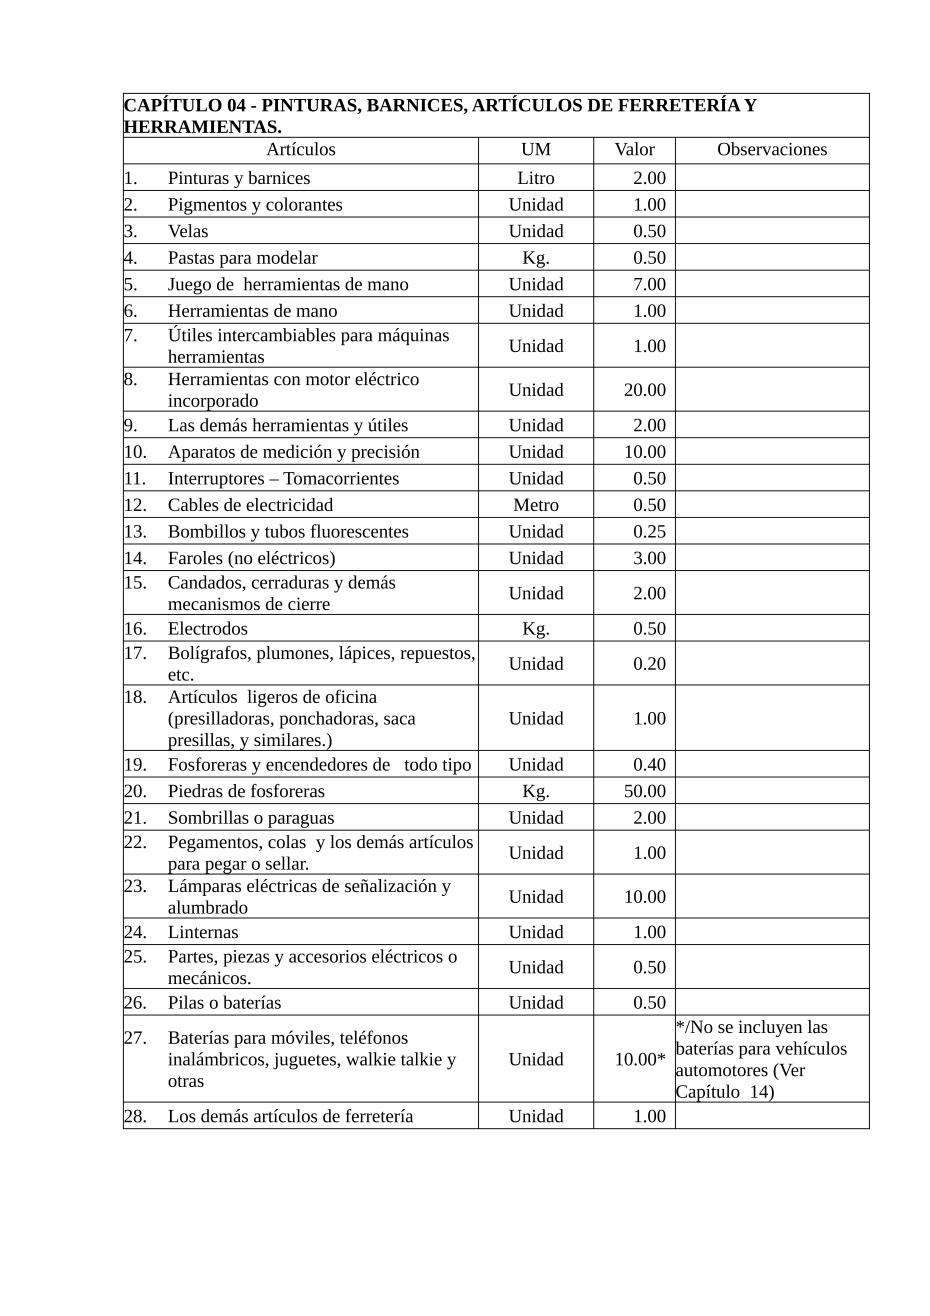 321-2011 Listado de Valoraciòn Interno_008